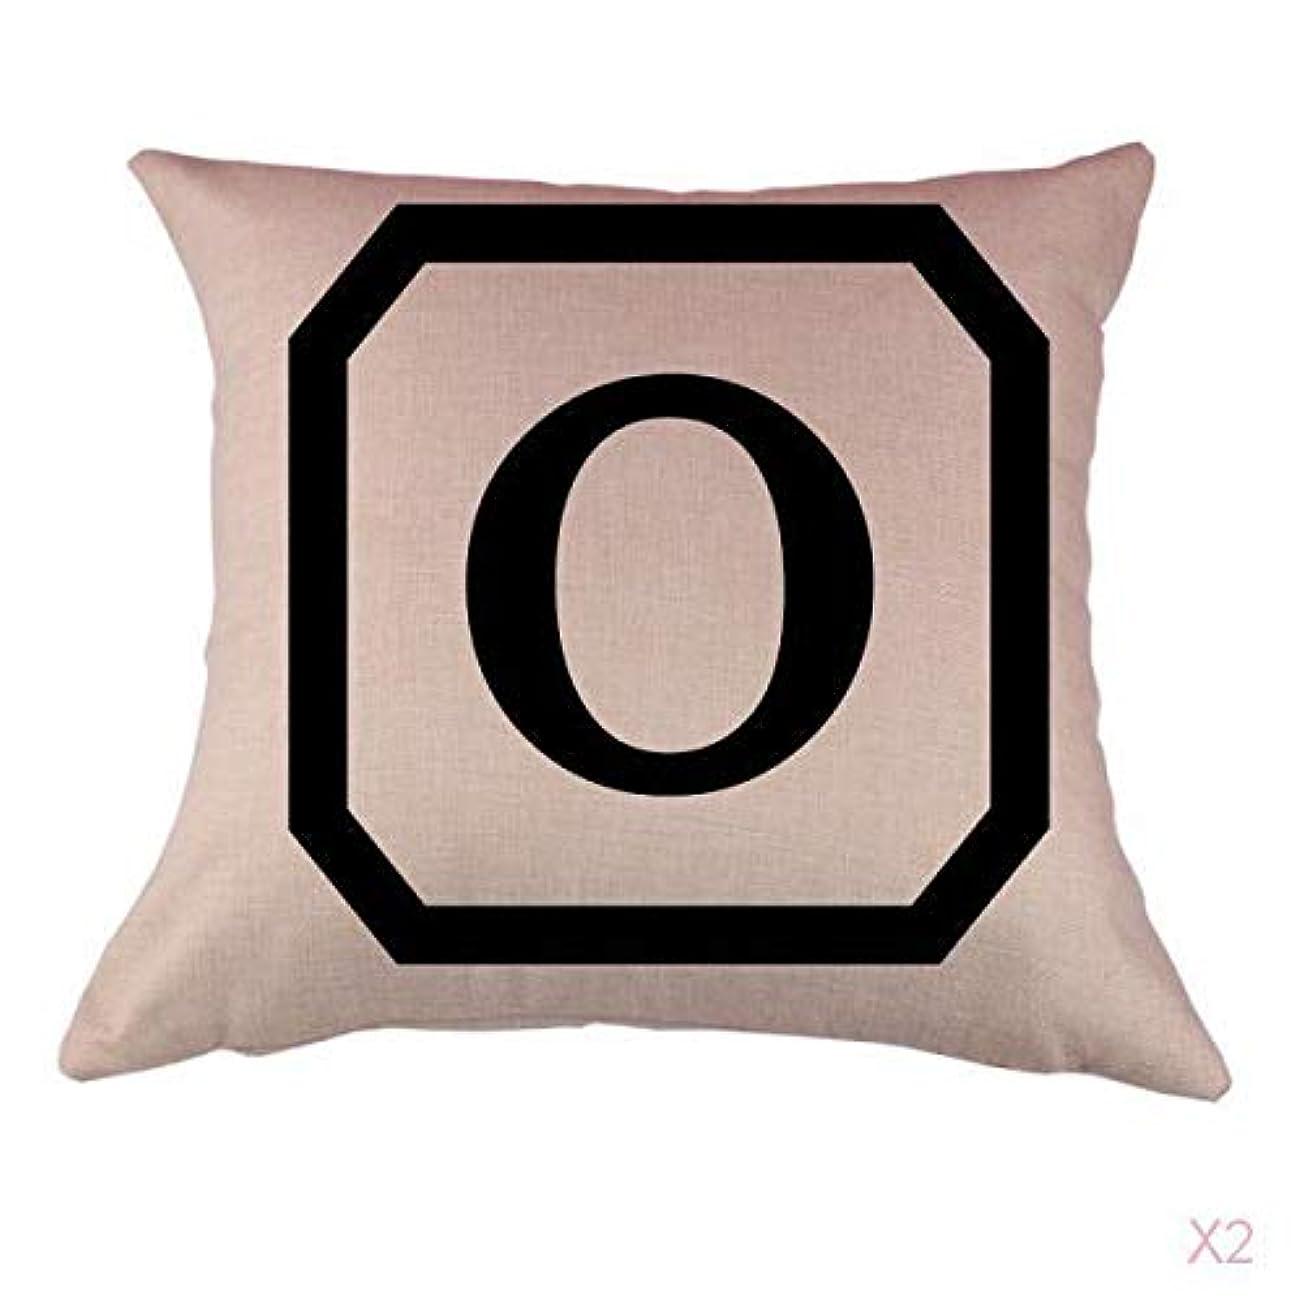 走るイヤホン音節FLAMEER コットンリネンスロー枕カバークッションカバー家の装飾、初期アルファベットのO